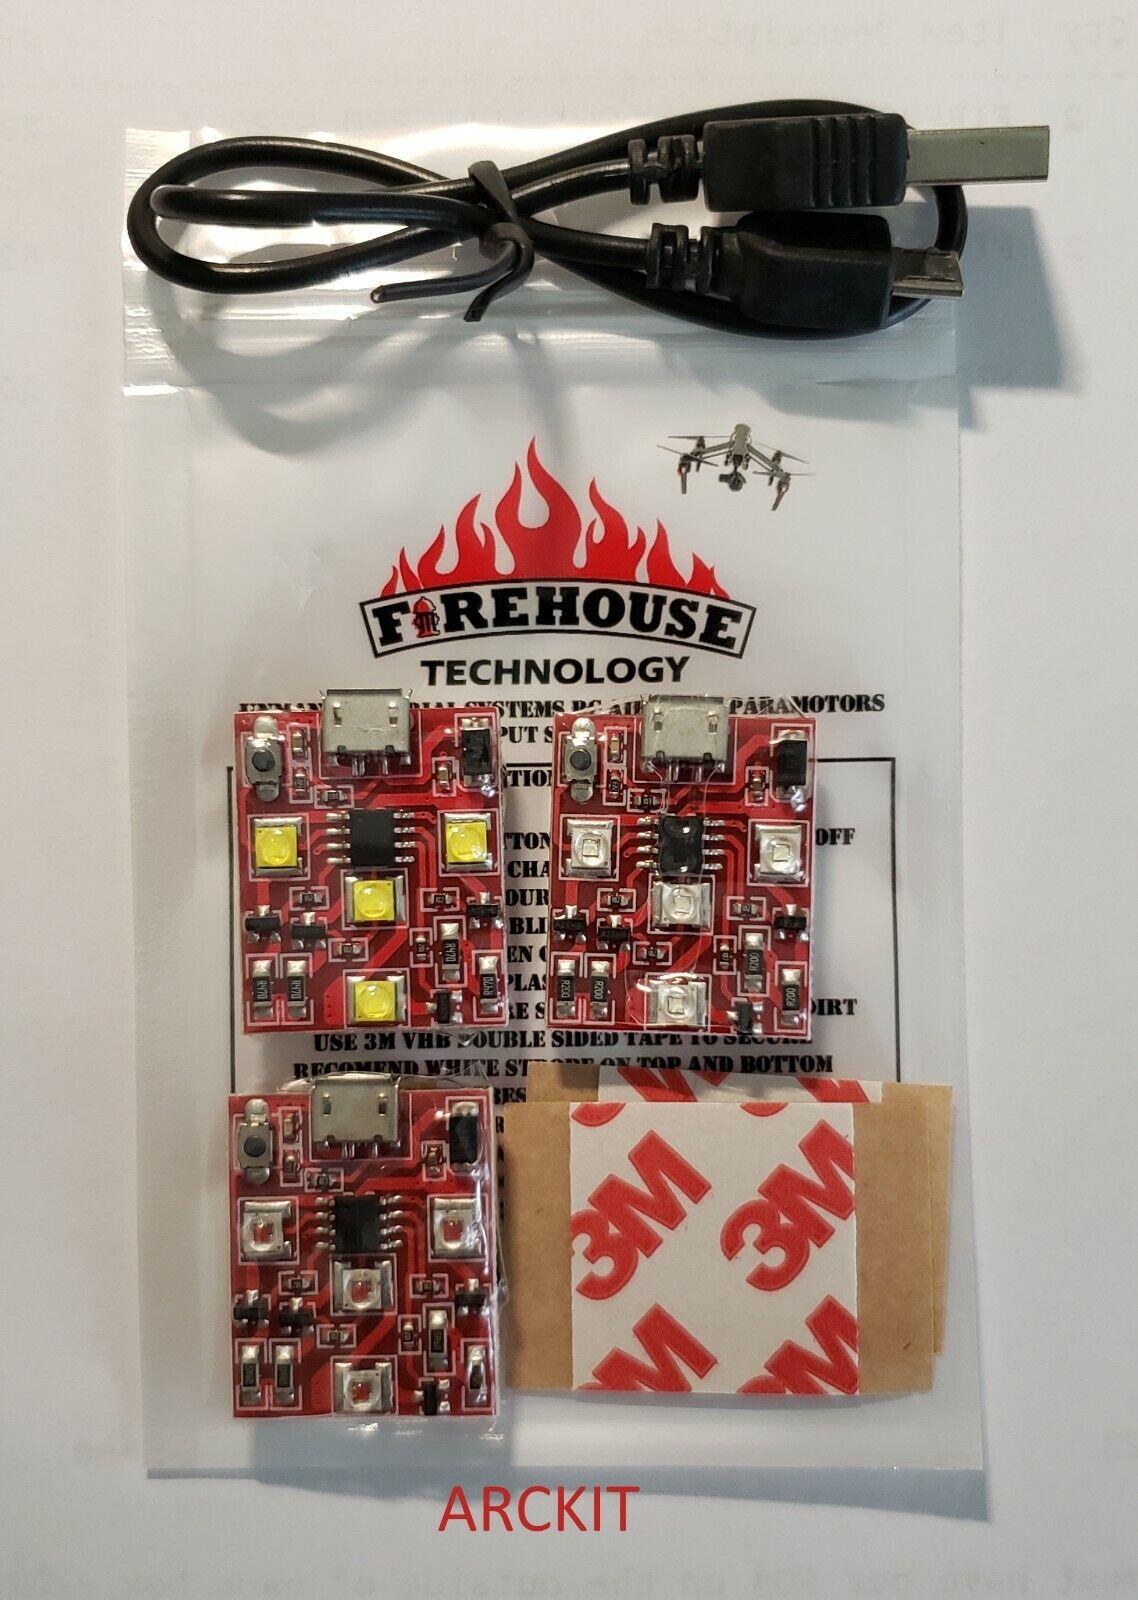 firehouse arc drone strobe light navigation kit